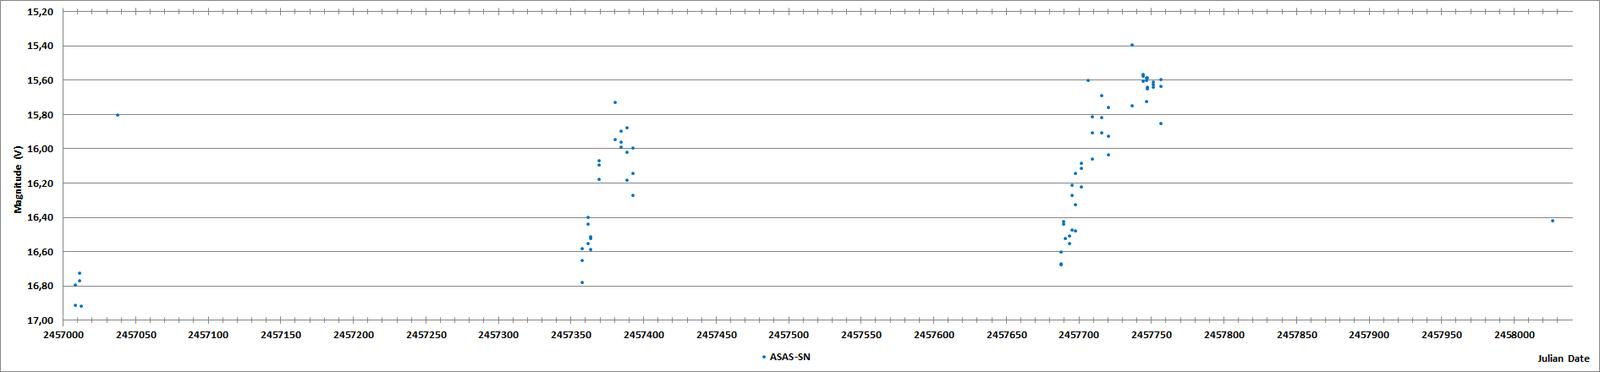 IRAS 23397+5839 JD plot (ASAS-SN).png